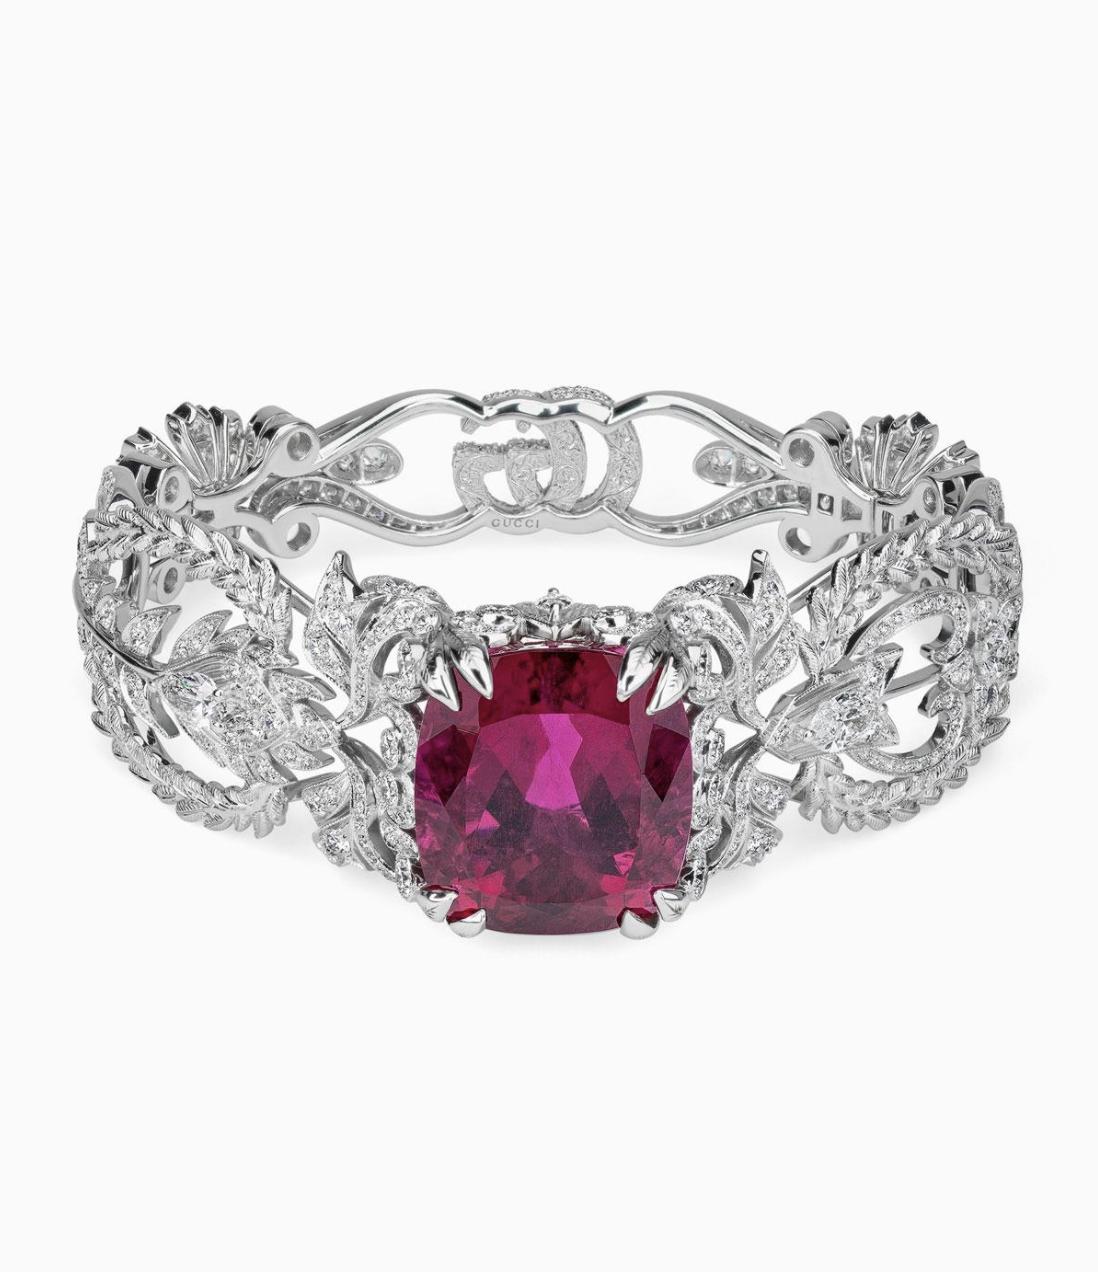 Gucci jewellery